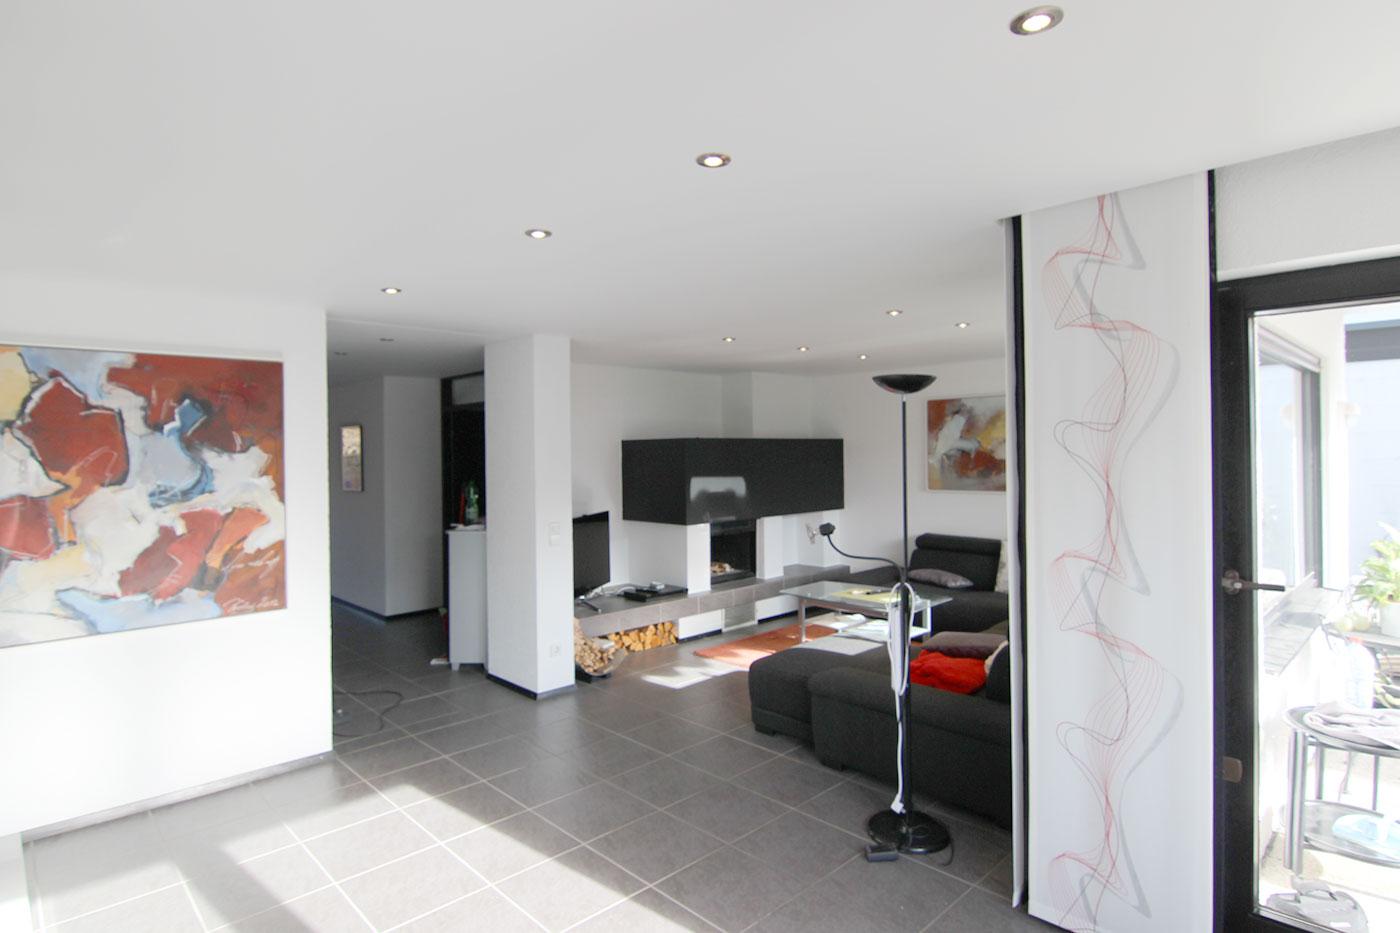 Spanndecke im Wohnzimmer – Talheim – Spanndeckenstudio